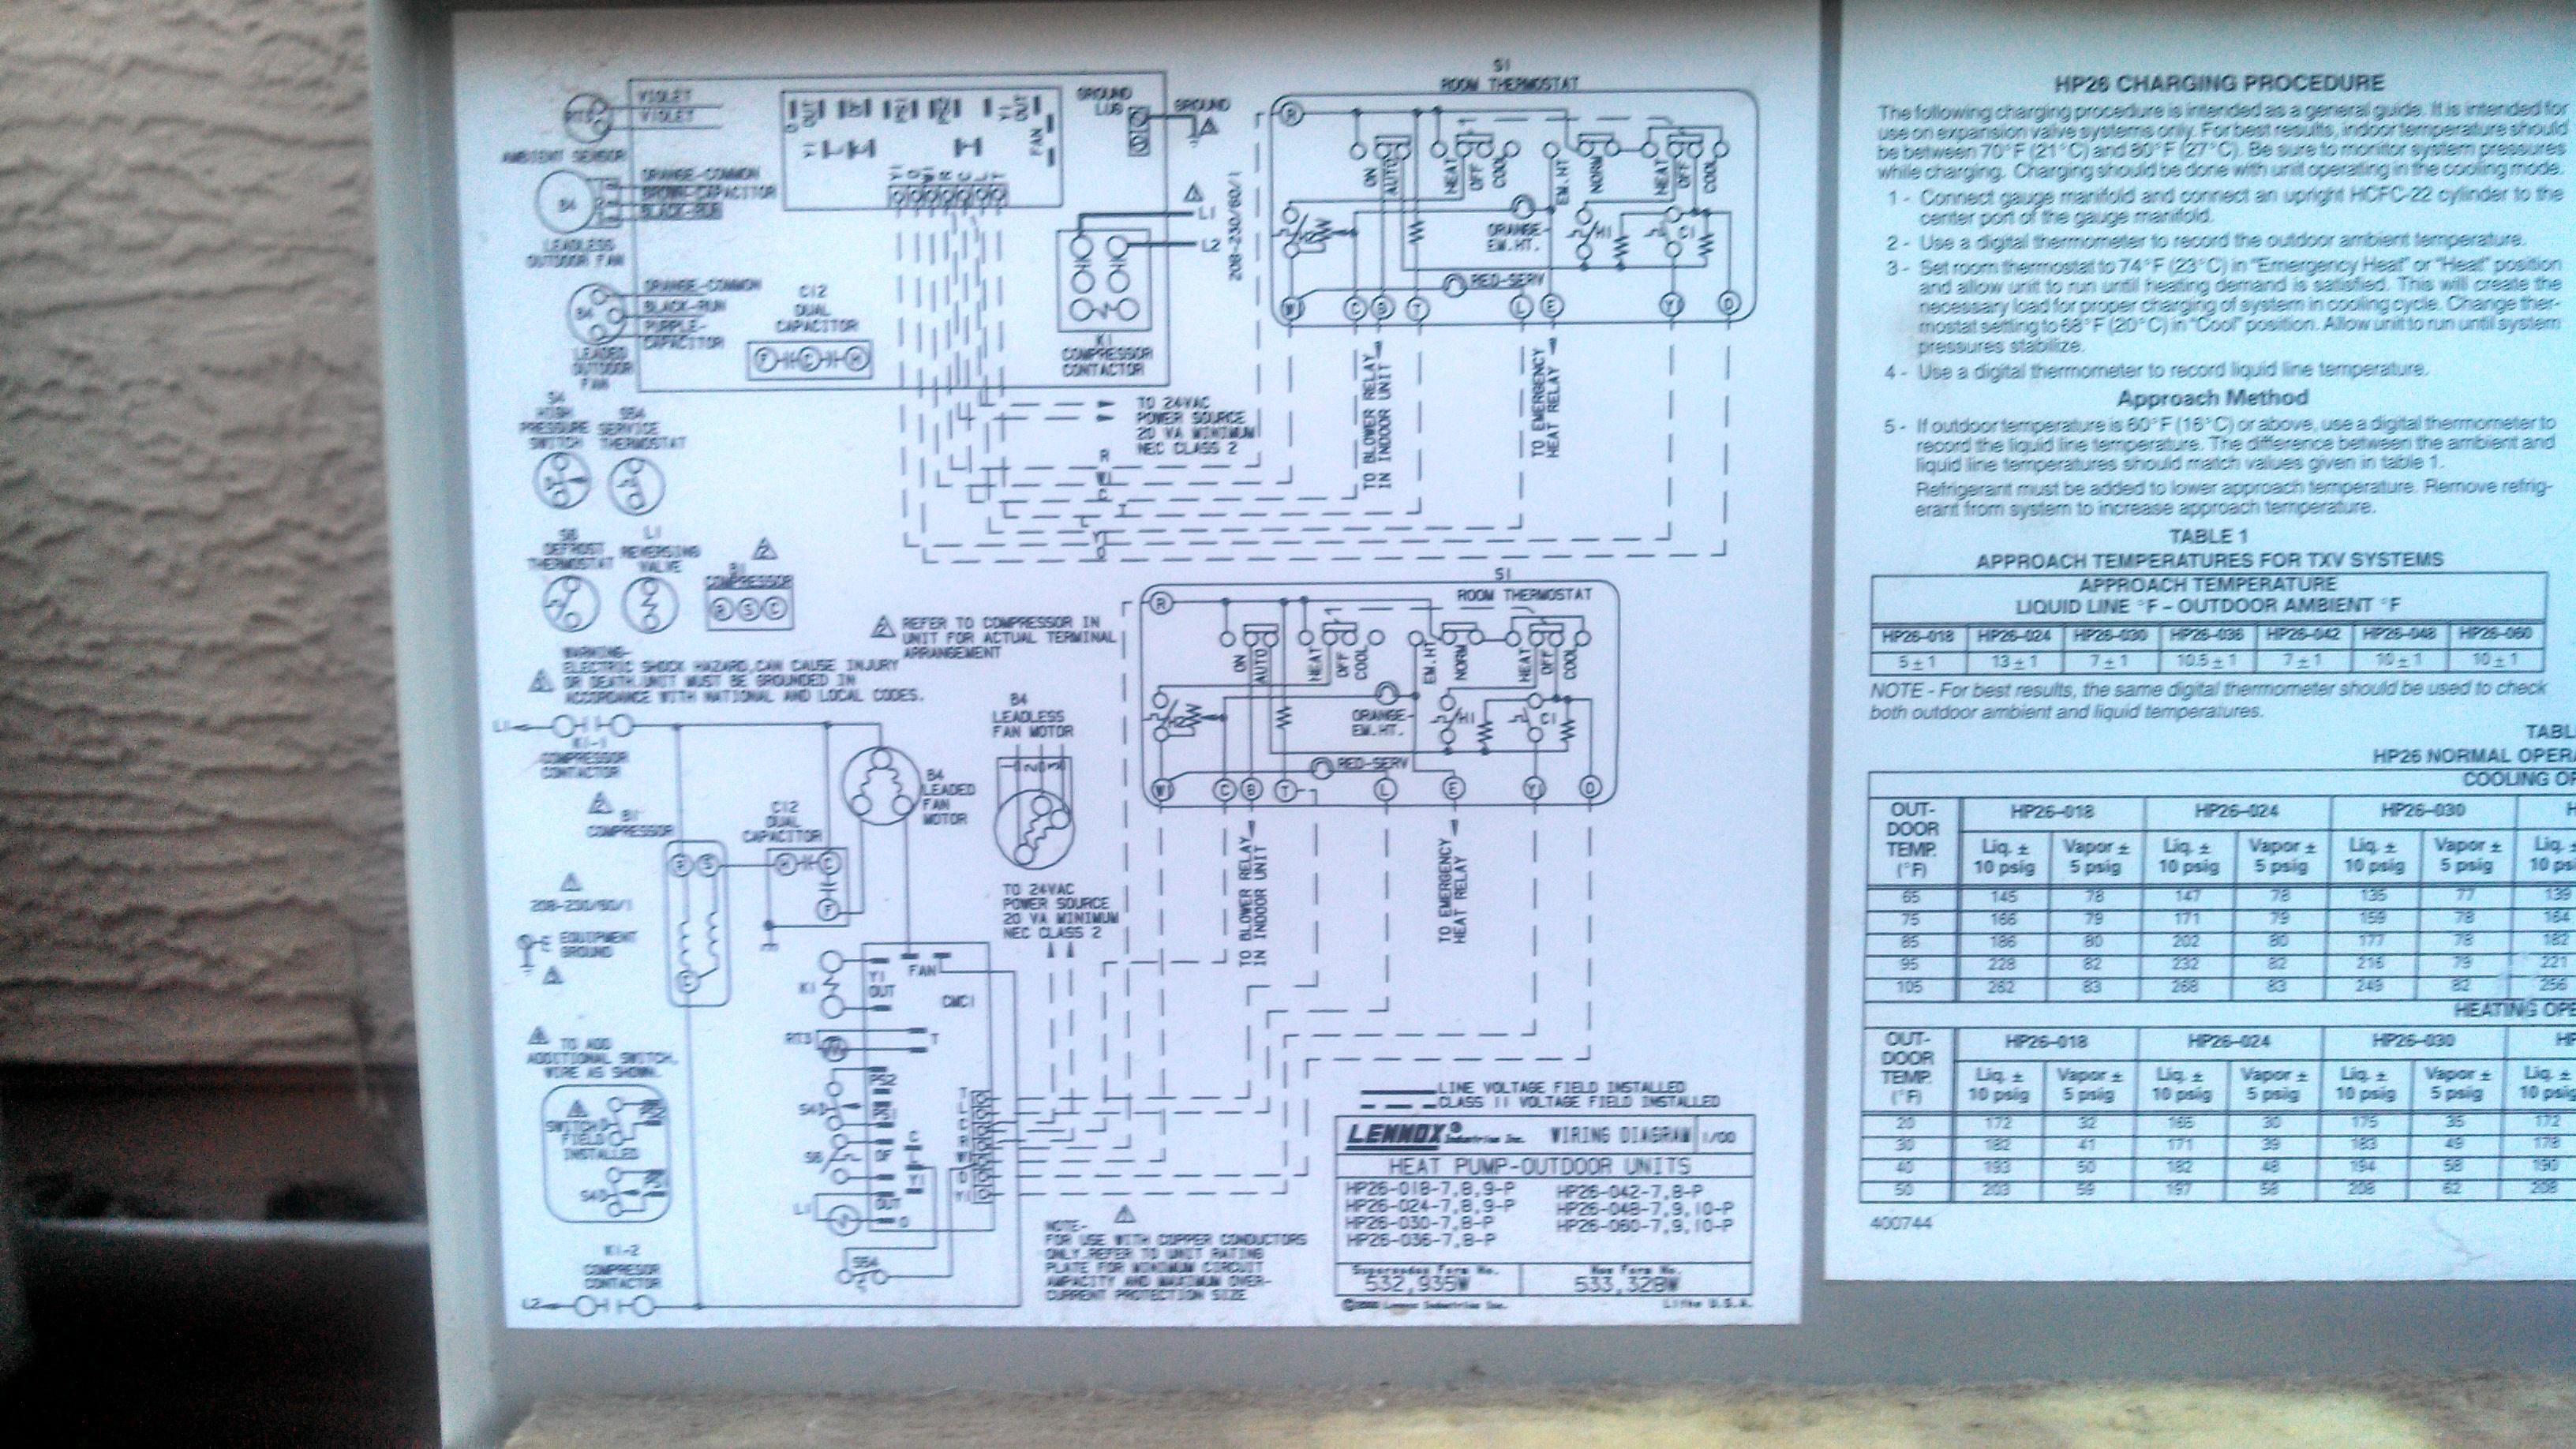 islandaire wiring diagrams american standard wiring